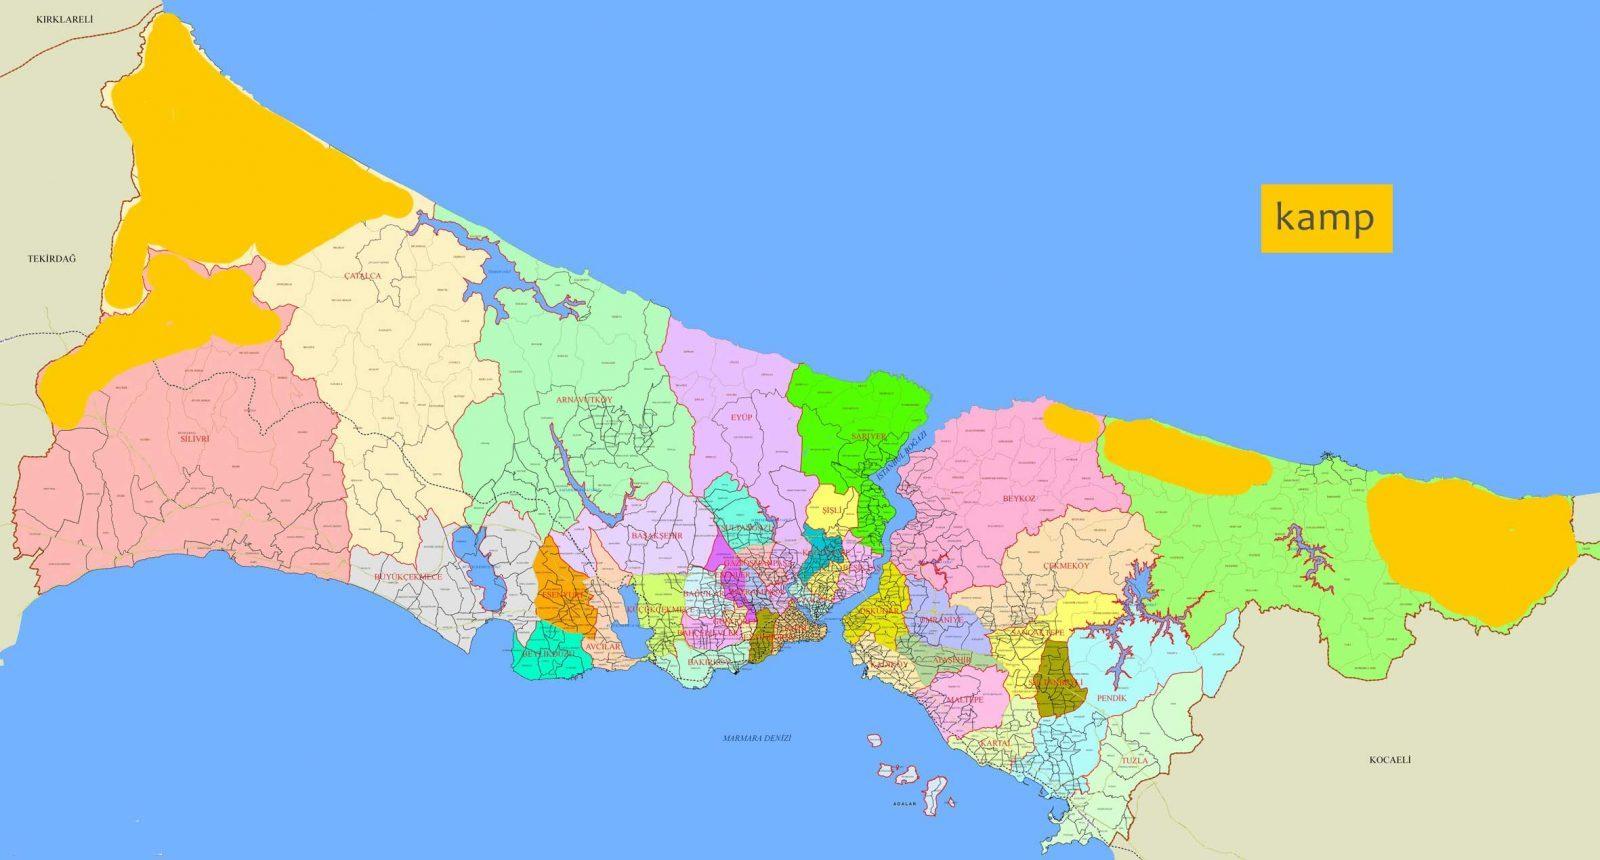 İstanbul'da kamp kurulabilecek alanlar haritası